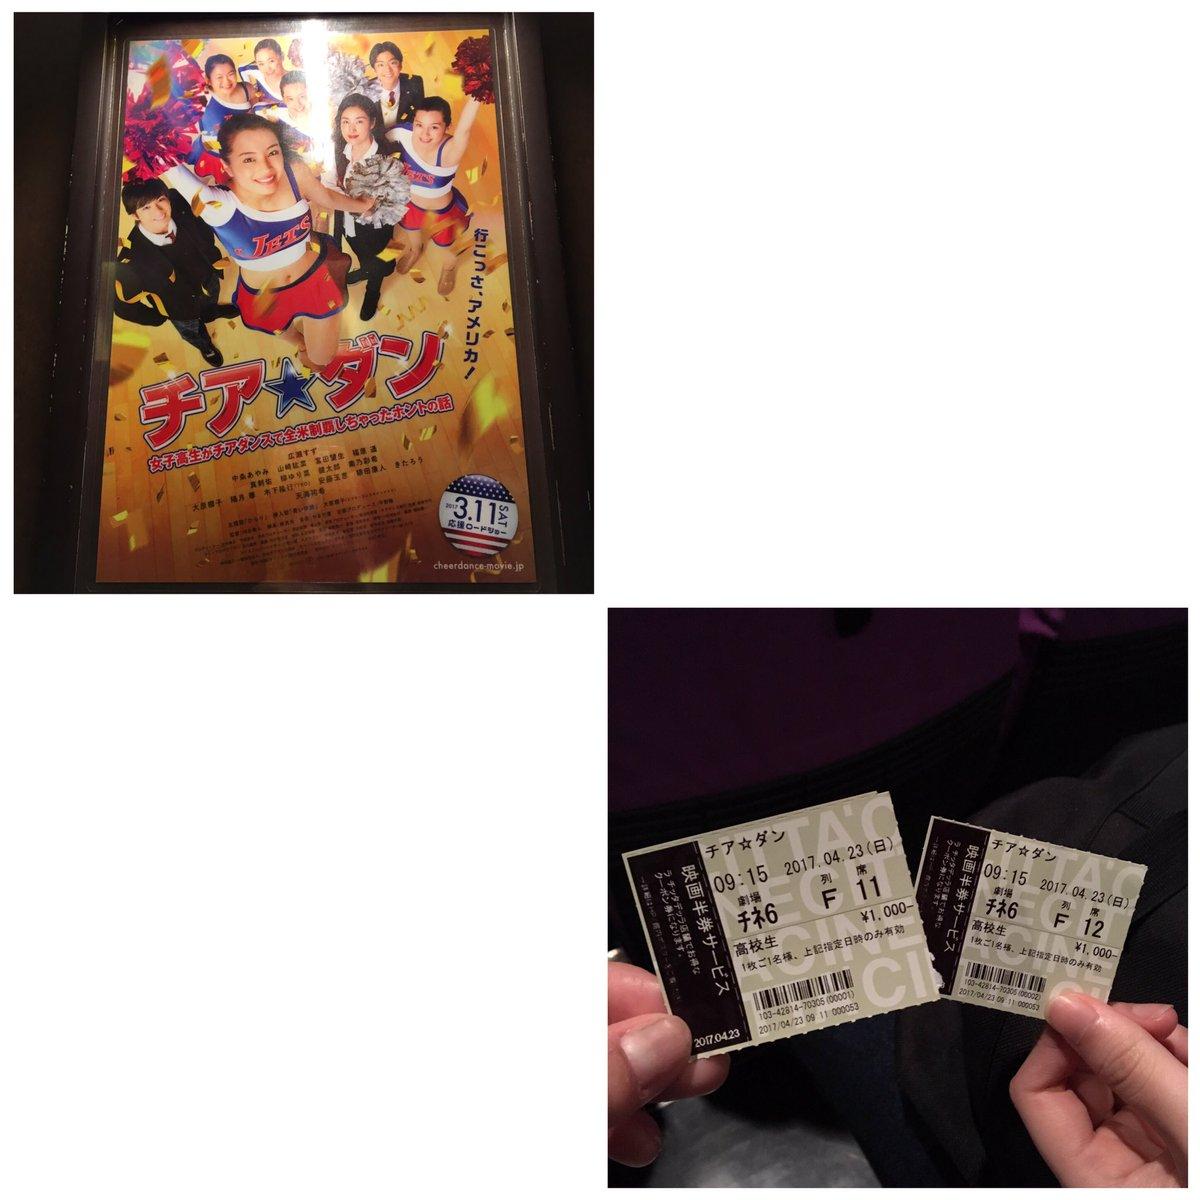 4/23 チア☆ダン&RELIFEどっちも面白かったし感動した😹💗映画1日に2回観るの初めてだったけどめっちゃ充実✨また